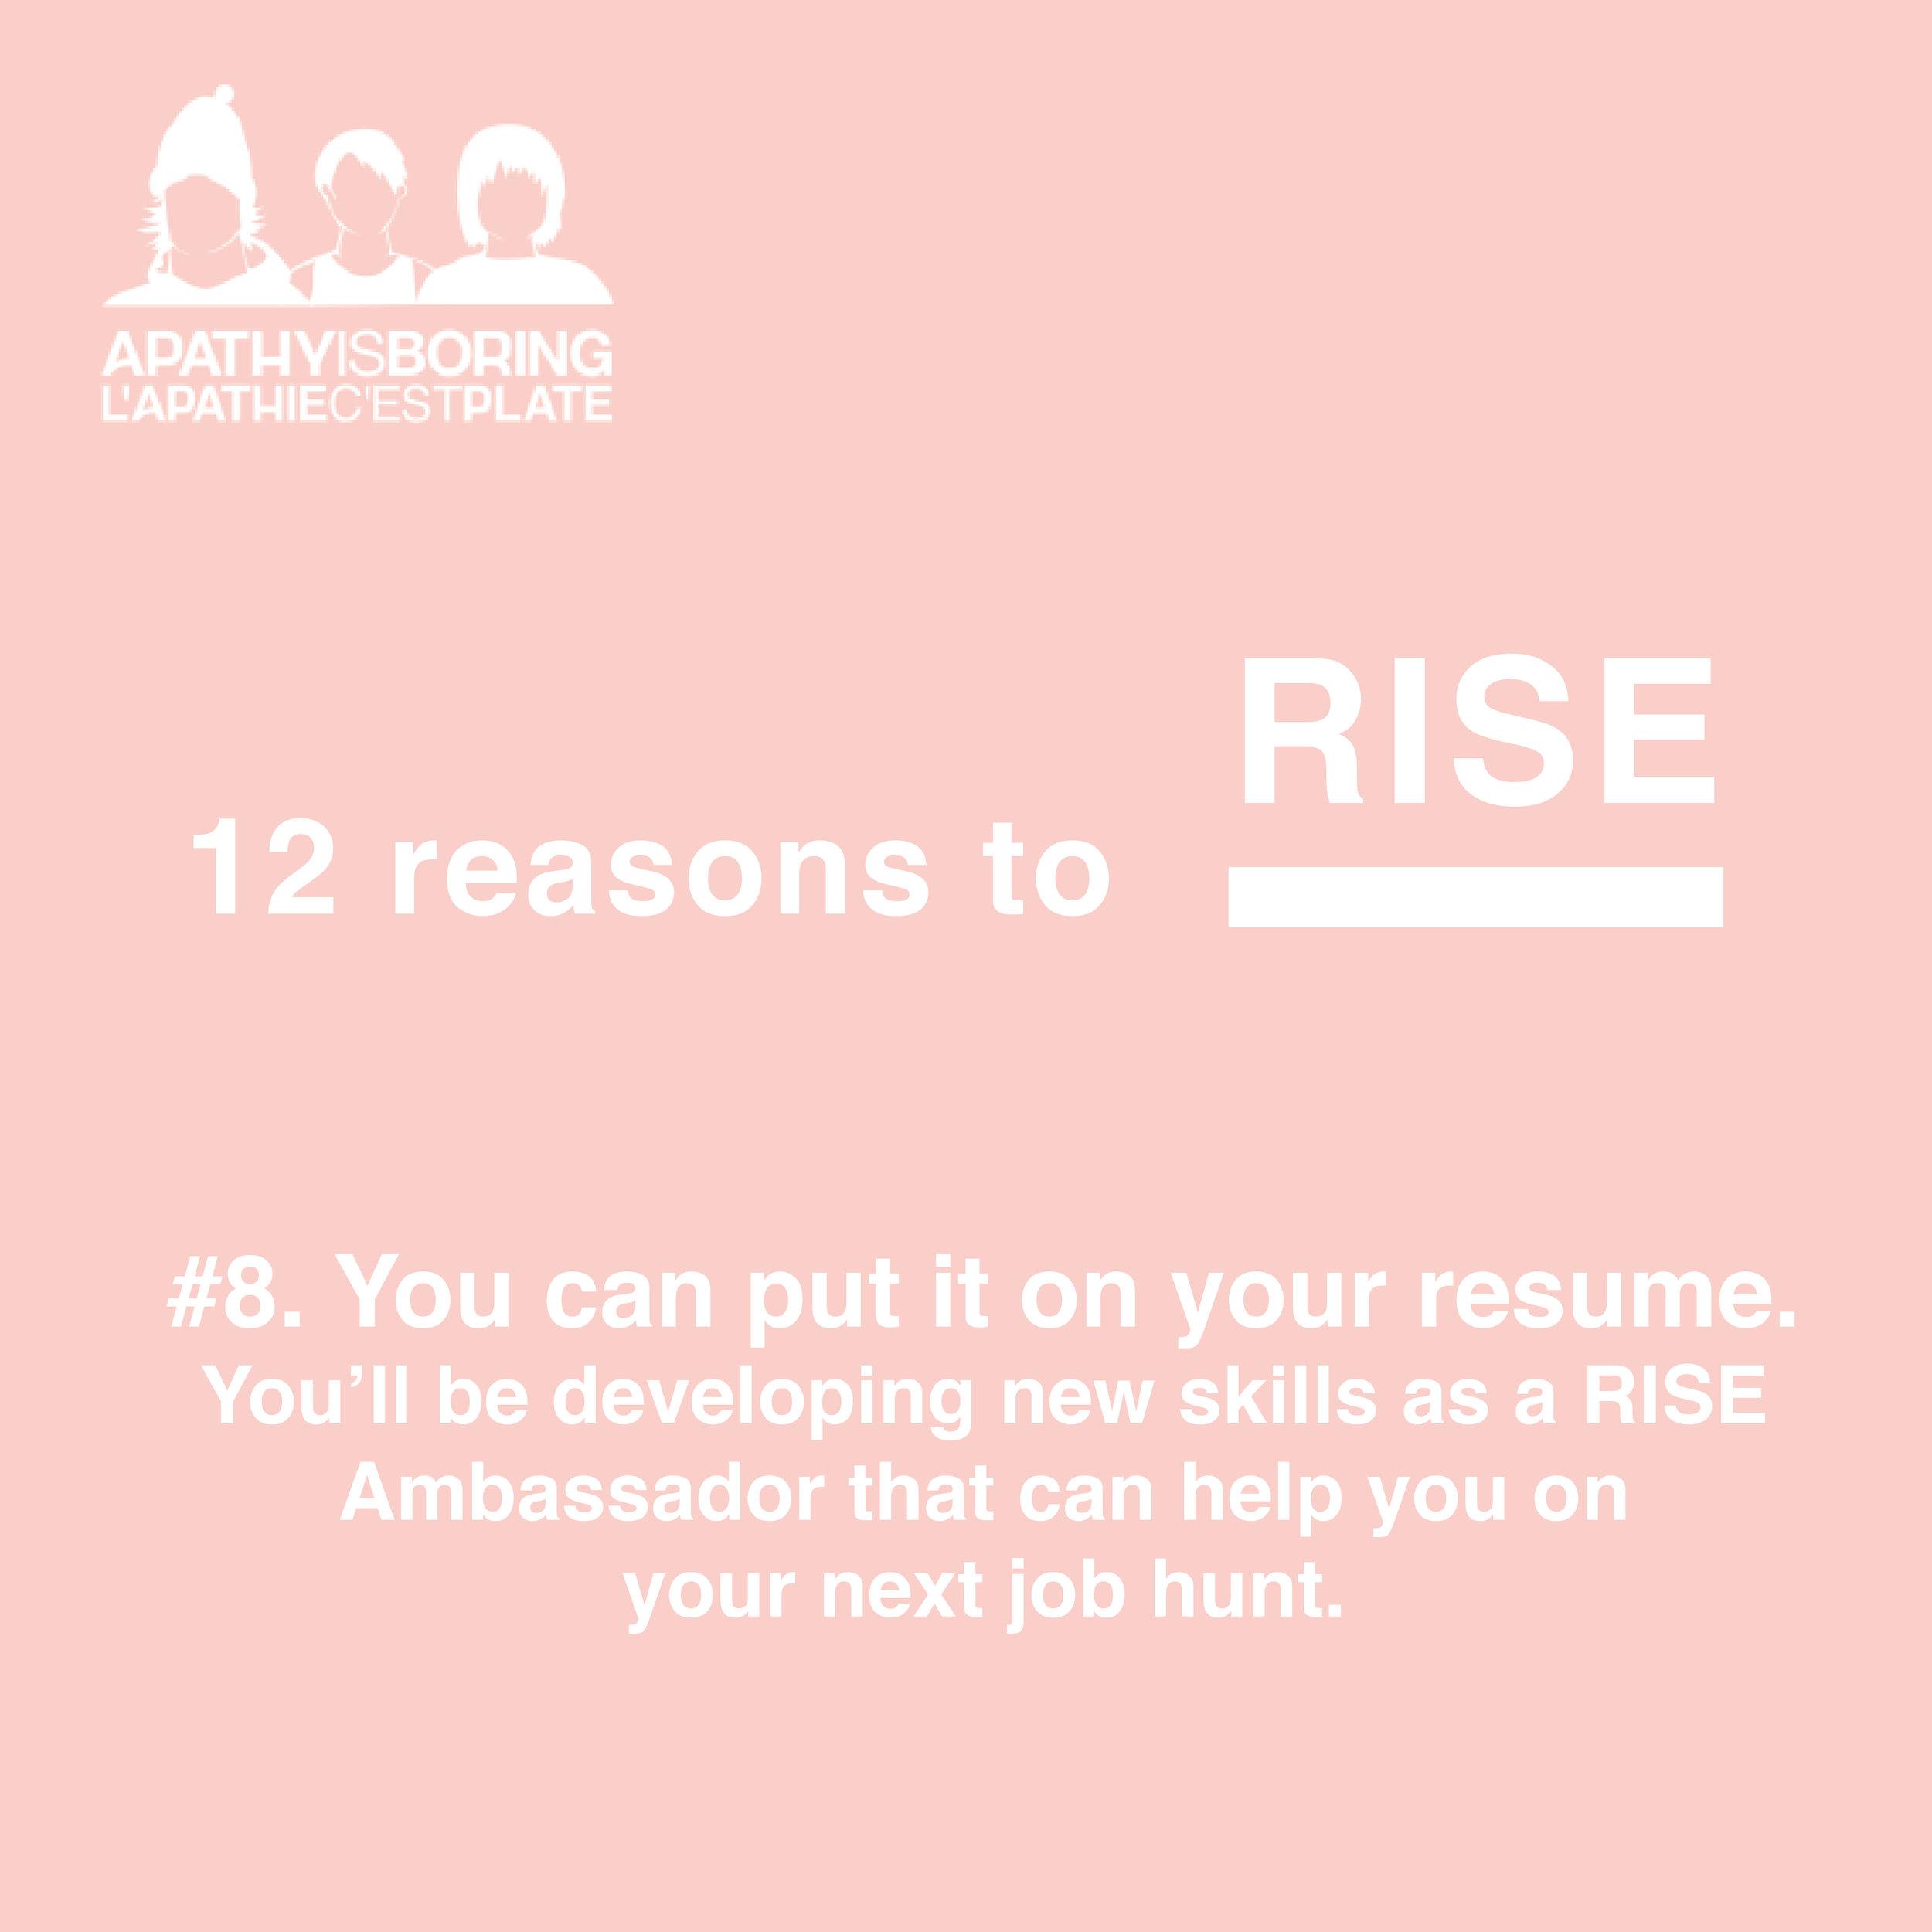 aisbRISE reason 8.jpg